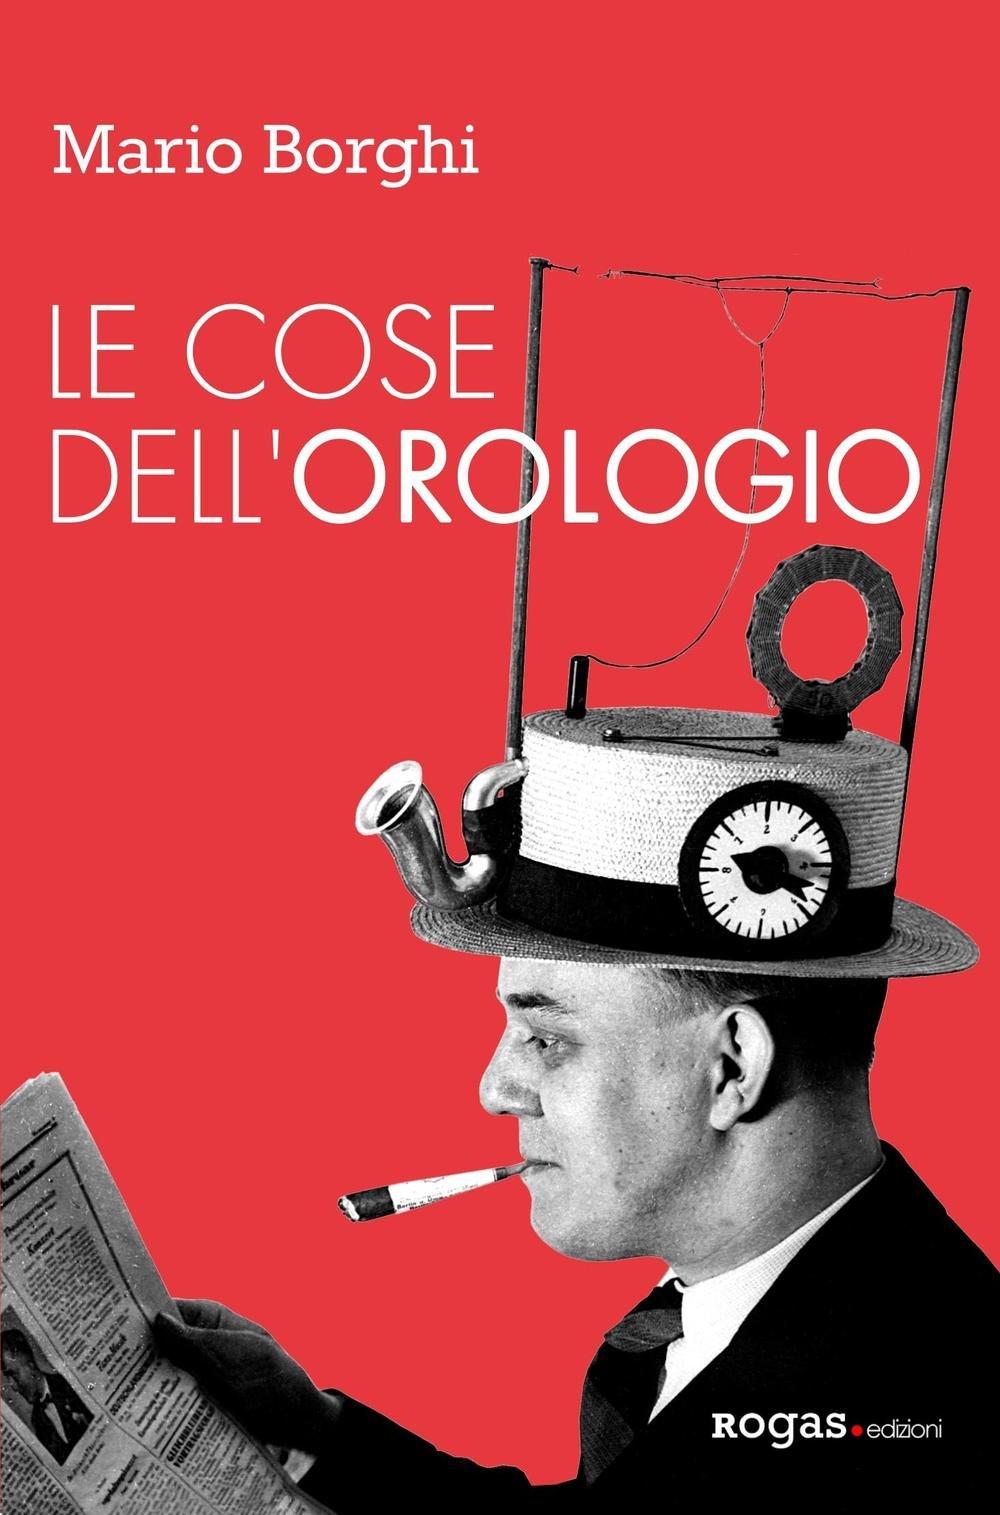 Le cose dell'orologio – Mario Borghi